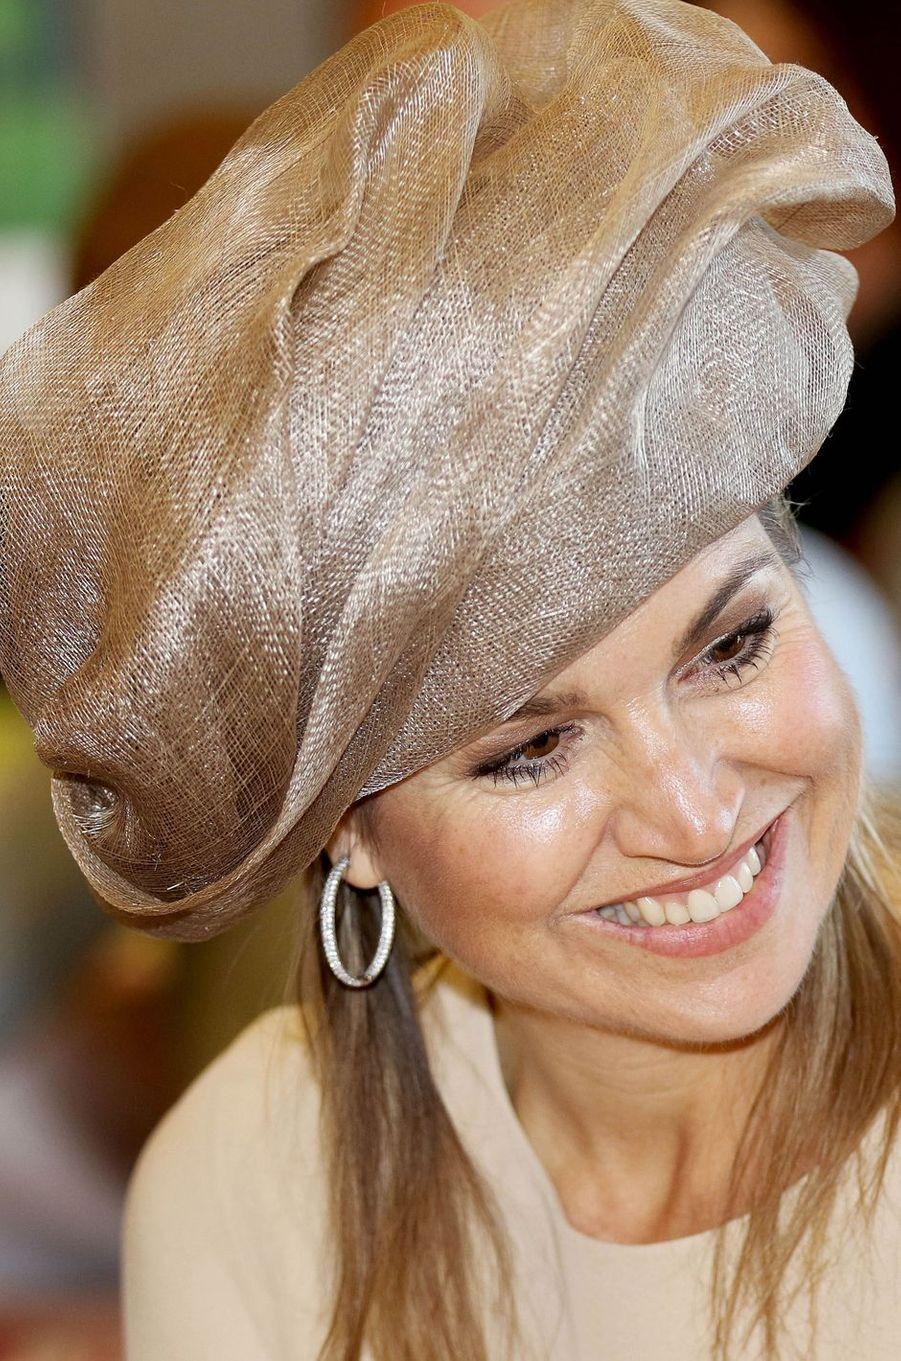 C'est dans un look qui ne passait pas inaperçu que la reine Maxima des Pays-Bas s'est rendue ce jeudi 9 juin à Urk pour un double rendez-vous.